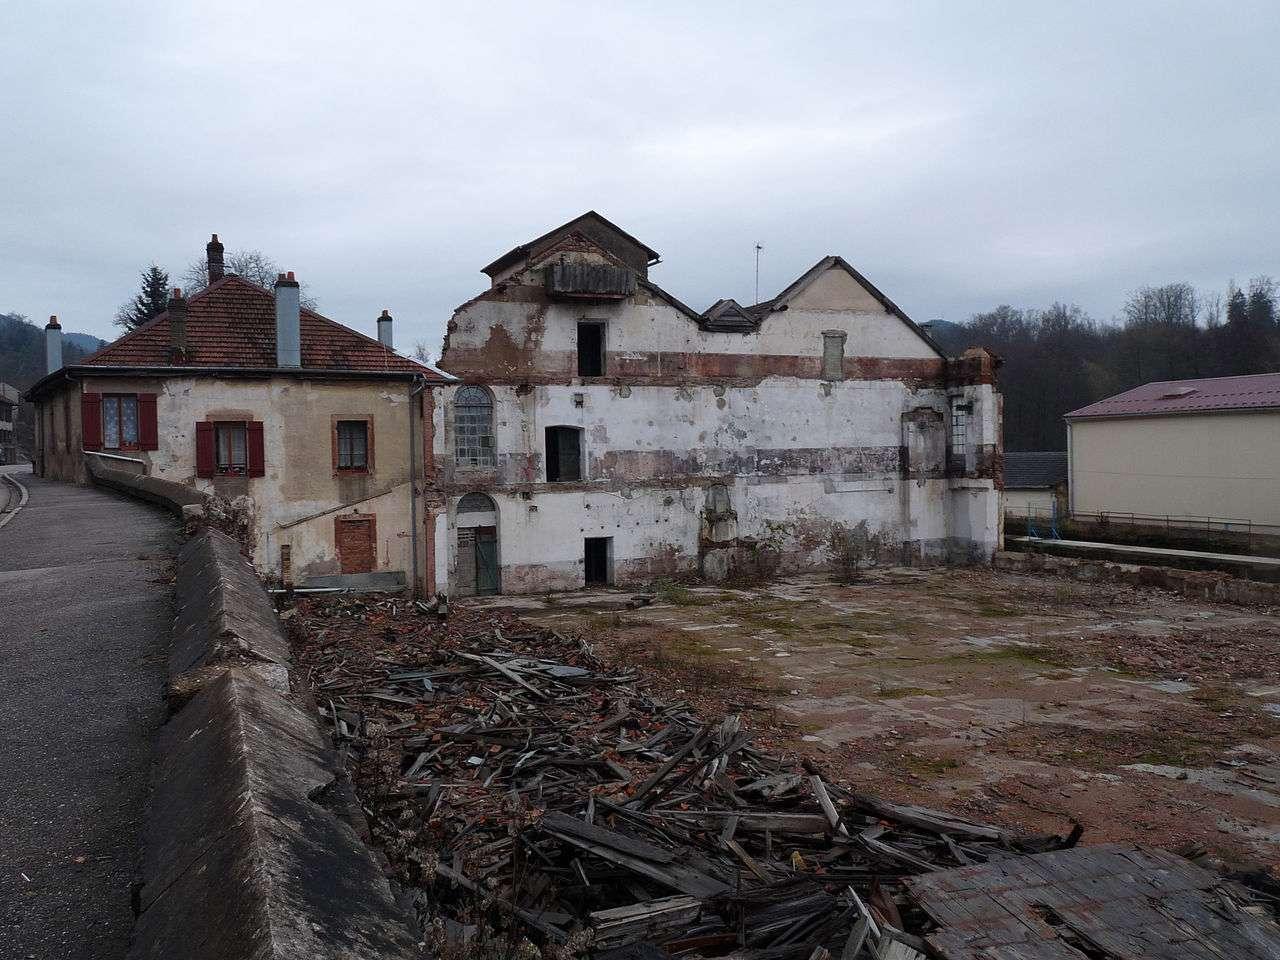 Une friche industrielle à la sortie de la ville de Senones, dans les Vosges. © Ji-Elle, Wikimedia Commons, cc by sa 3.0